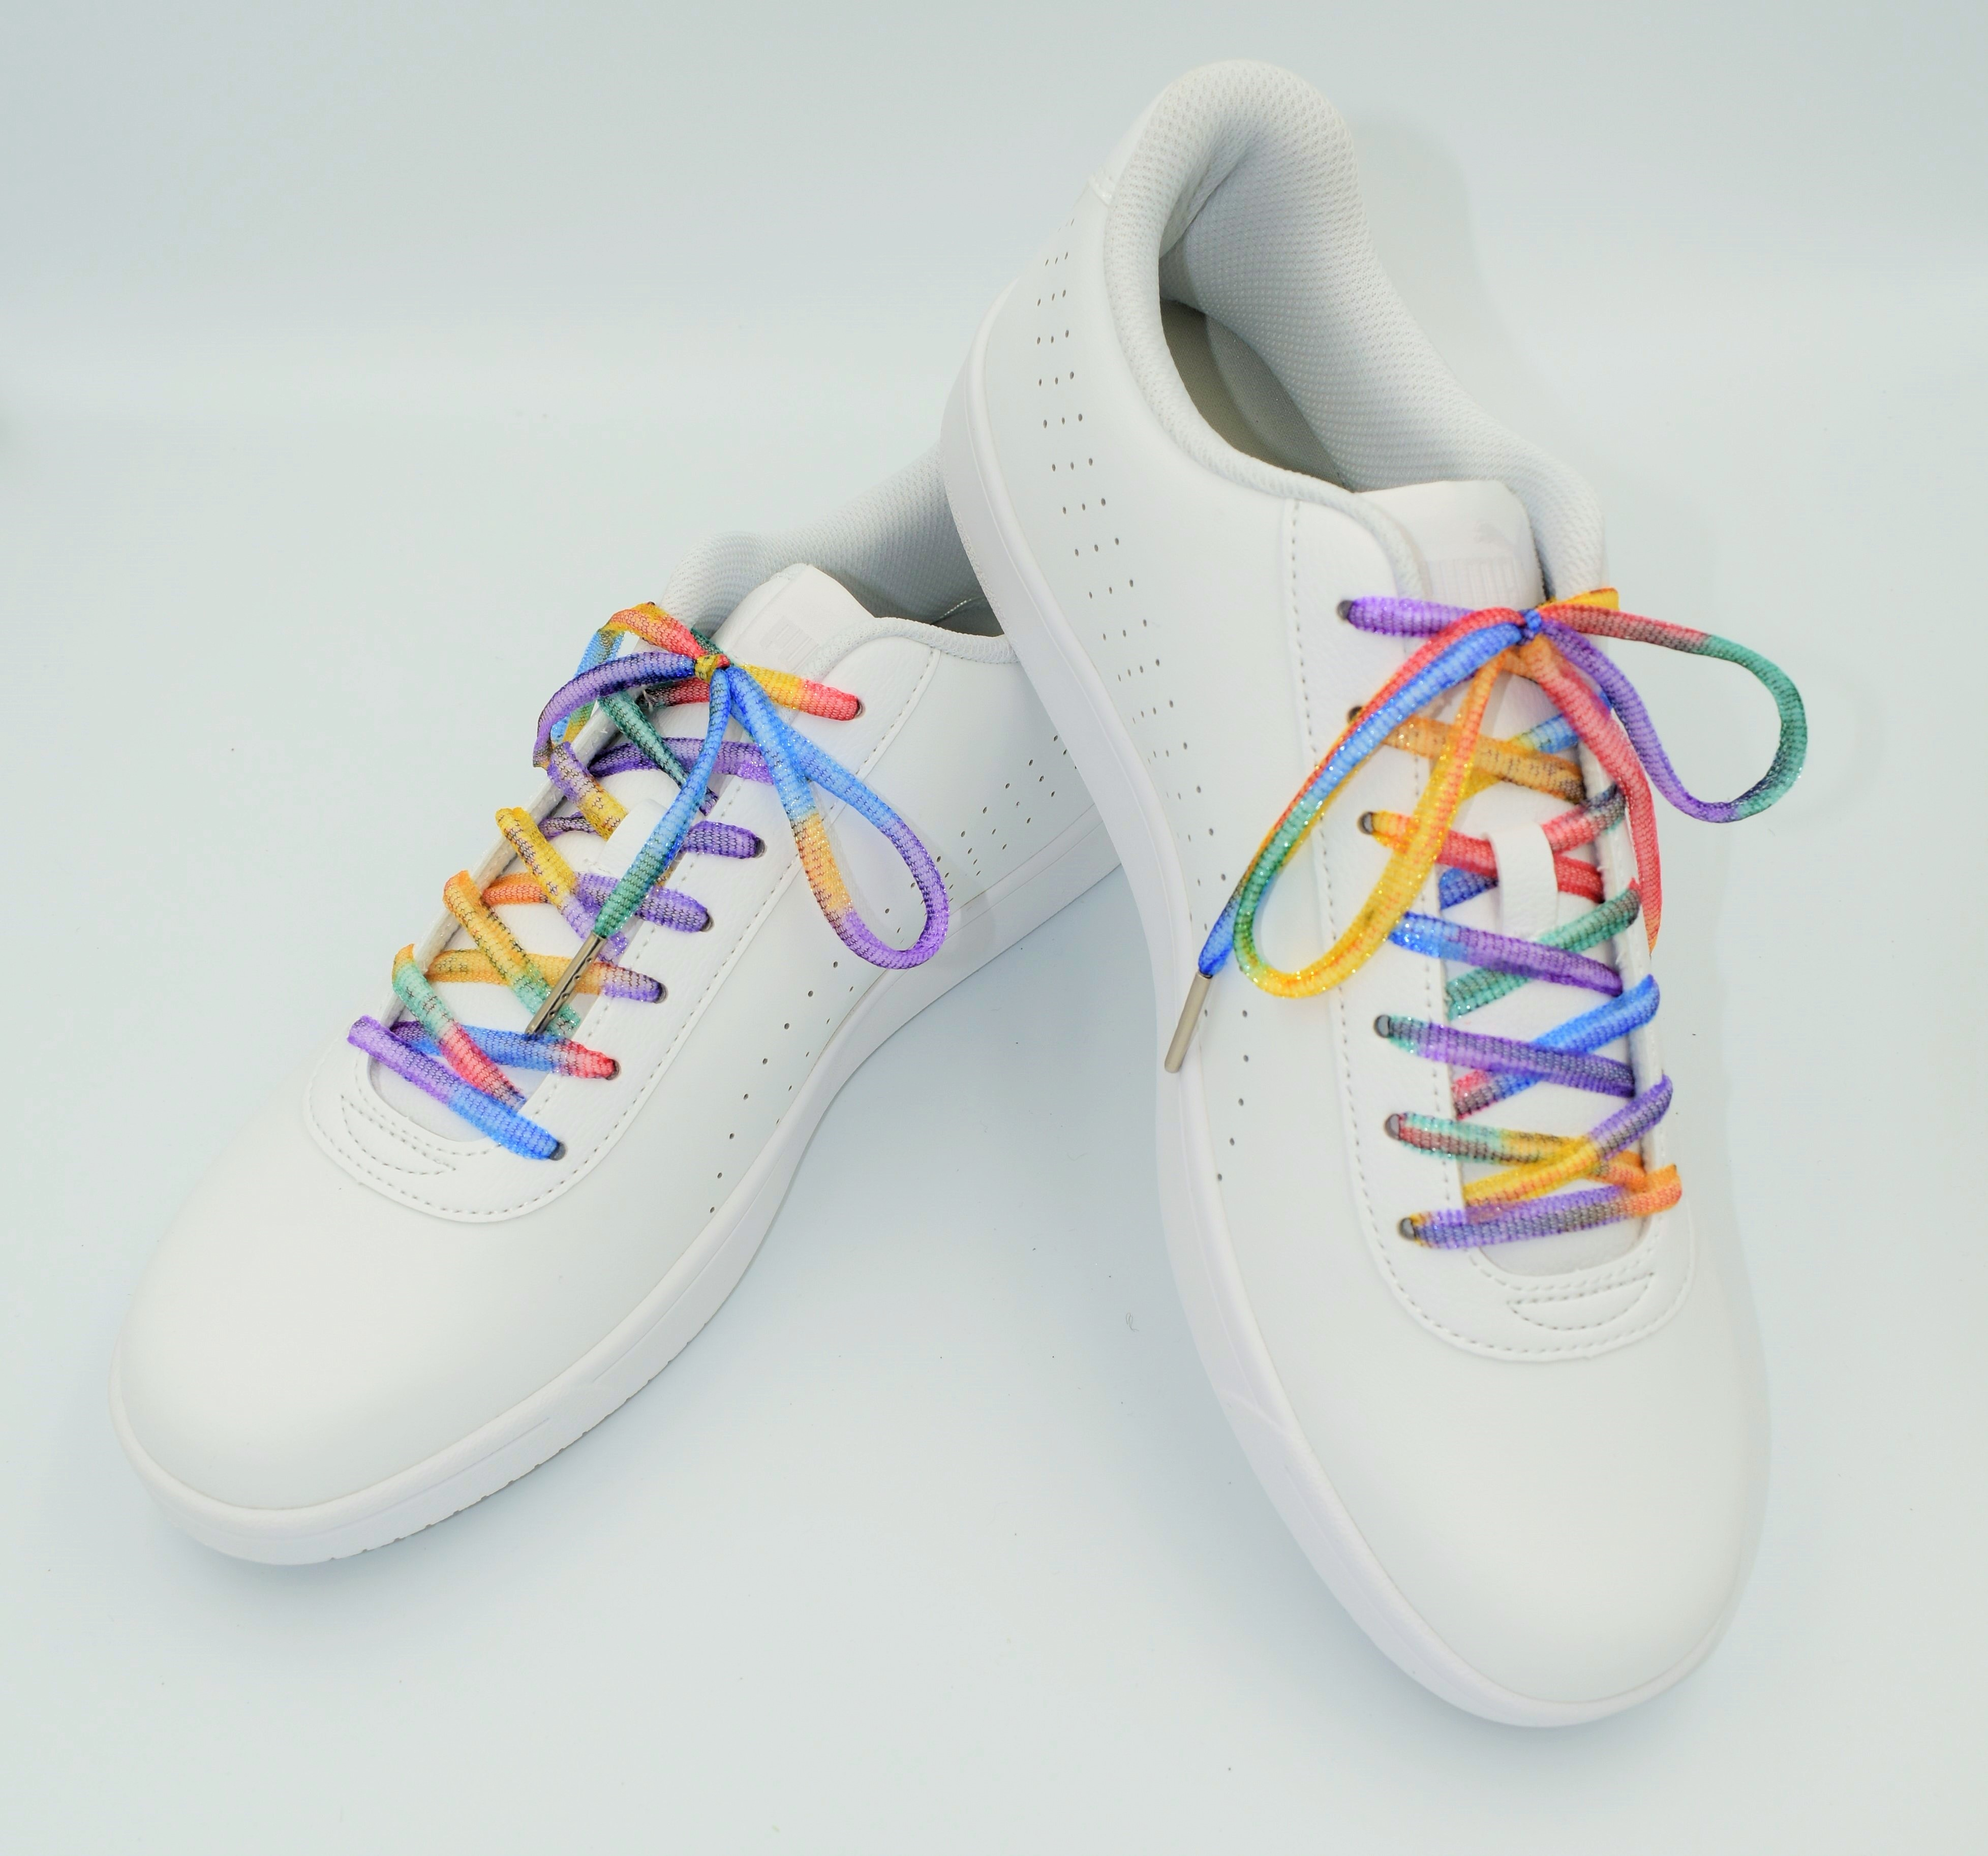 ちょい足しで足元をおしゃれに!スニーカーに合う虹色靴紐!